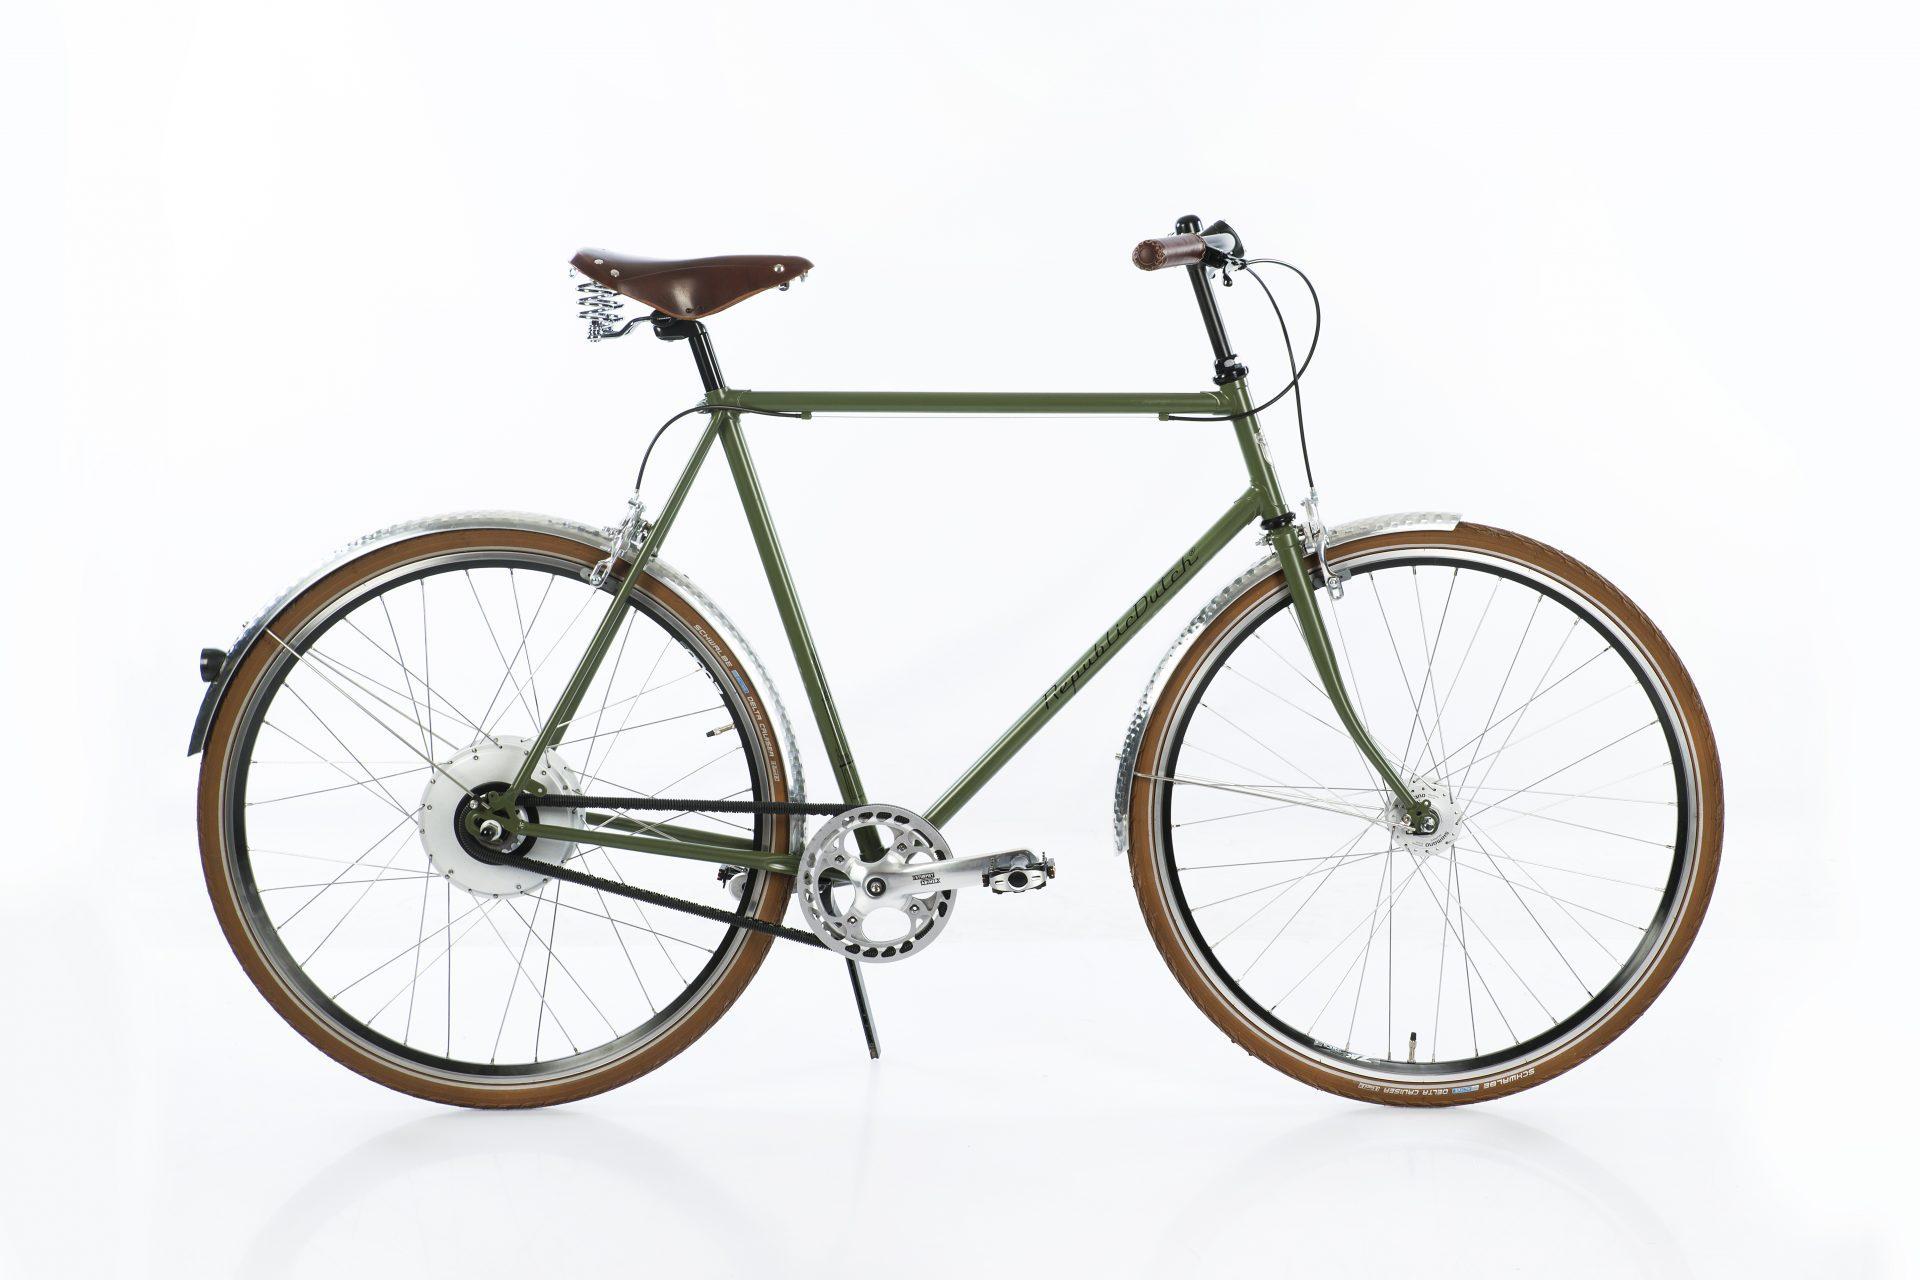 New handmade e-bike | Zehus engine